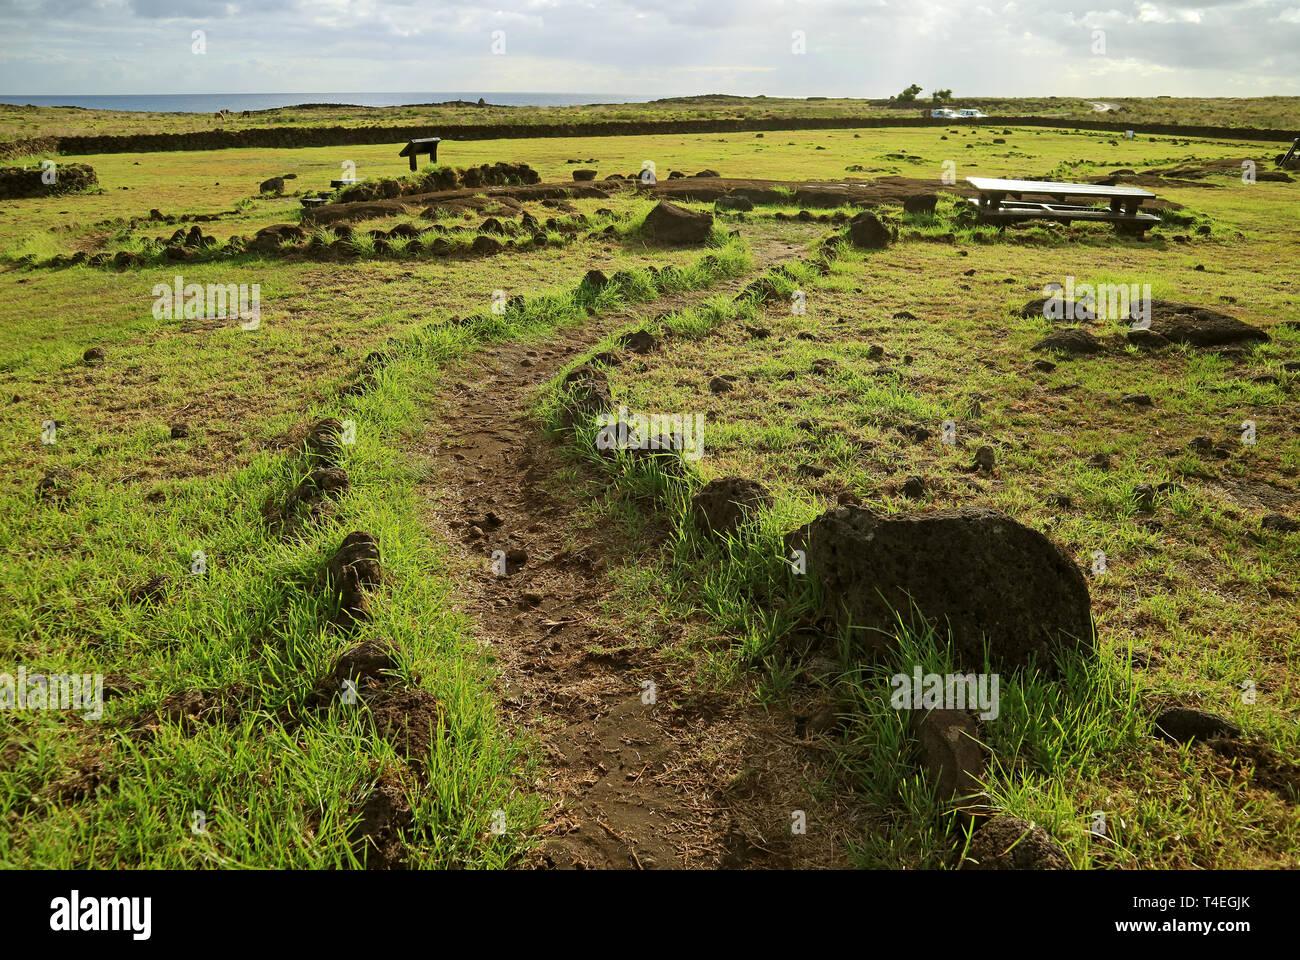 L'intérieur du sentier touristique Papa Vaka Site archéologique sur l'île de Pâques, Chili, Amérique du Sud Photo Stock